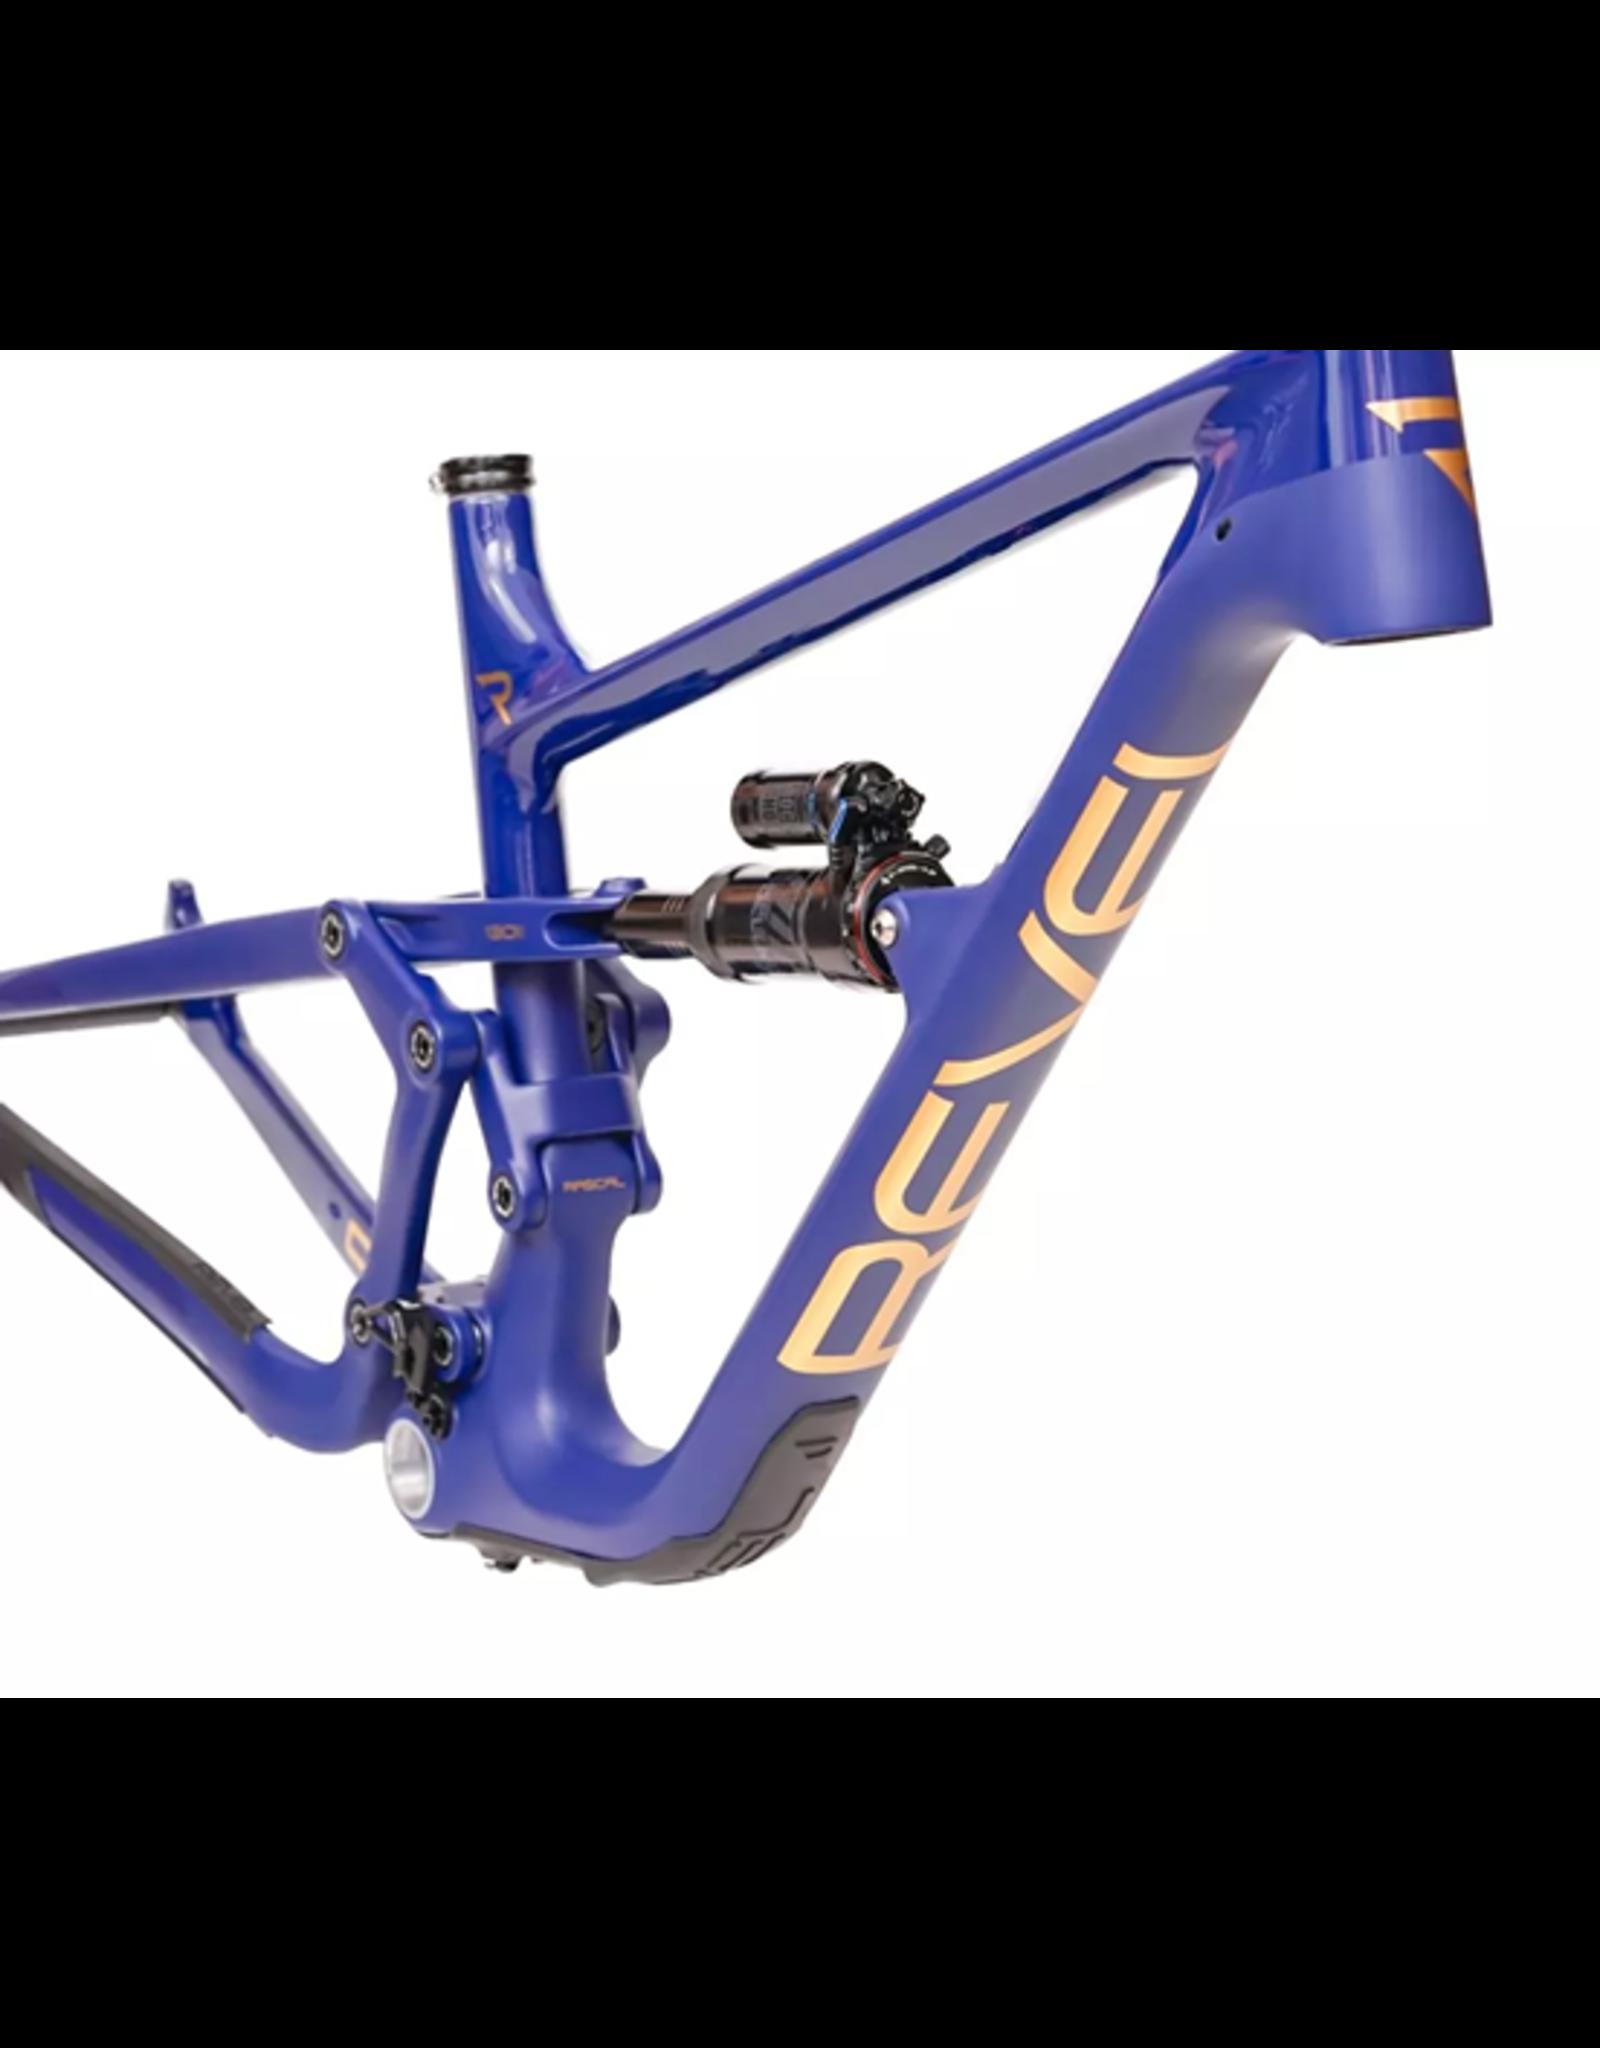 Revel Bikes Revel Rascal Frame w/Fox DPX2 Factory Series